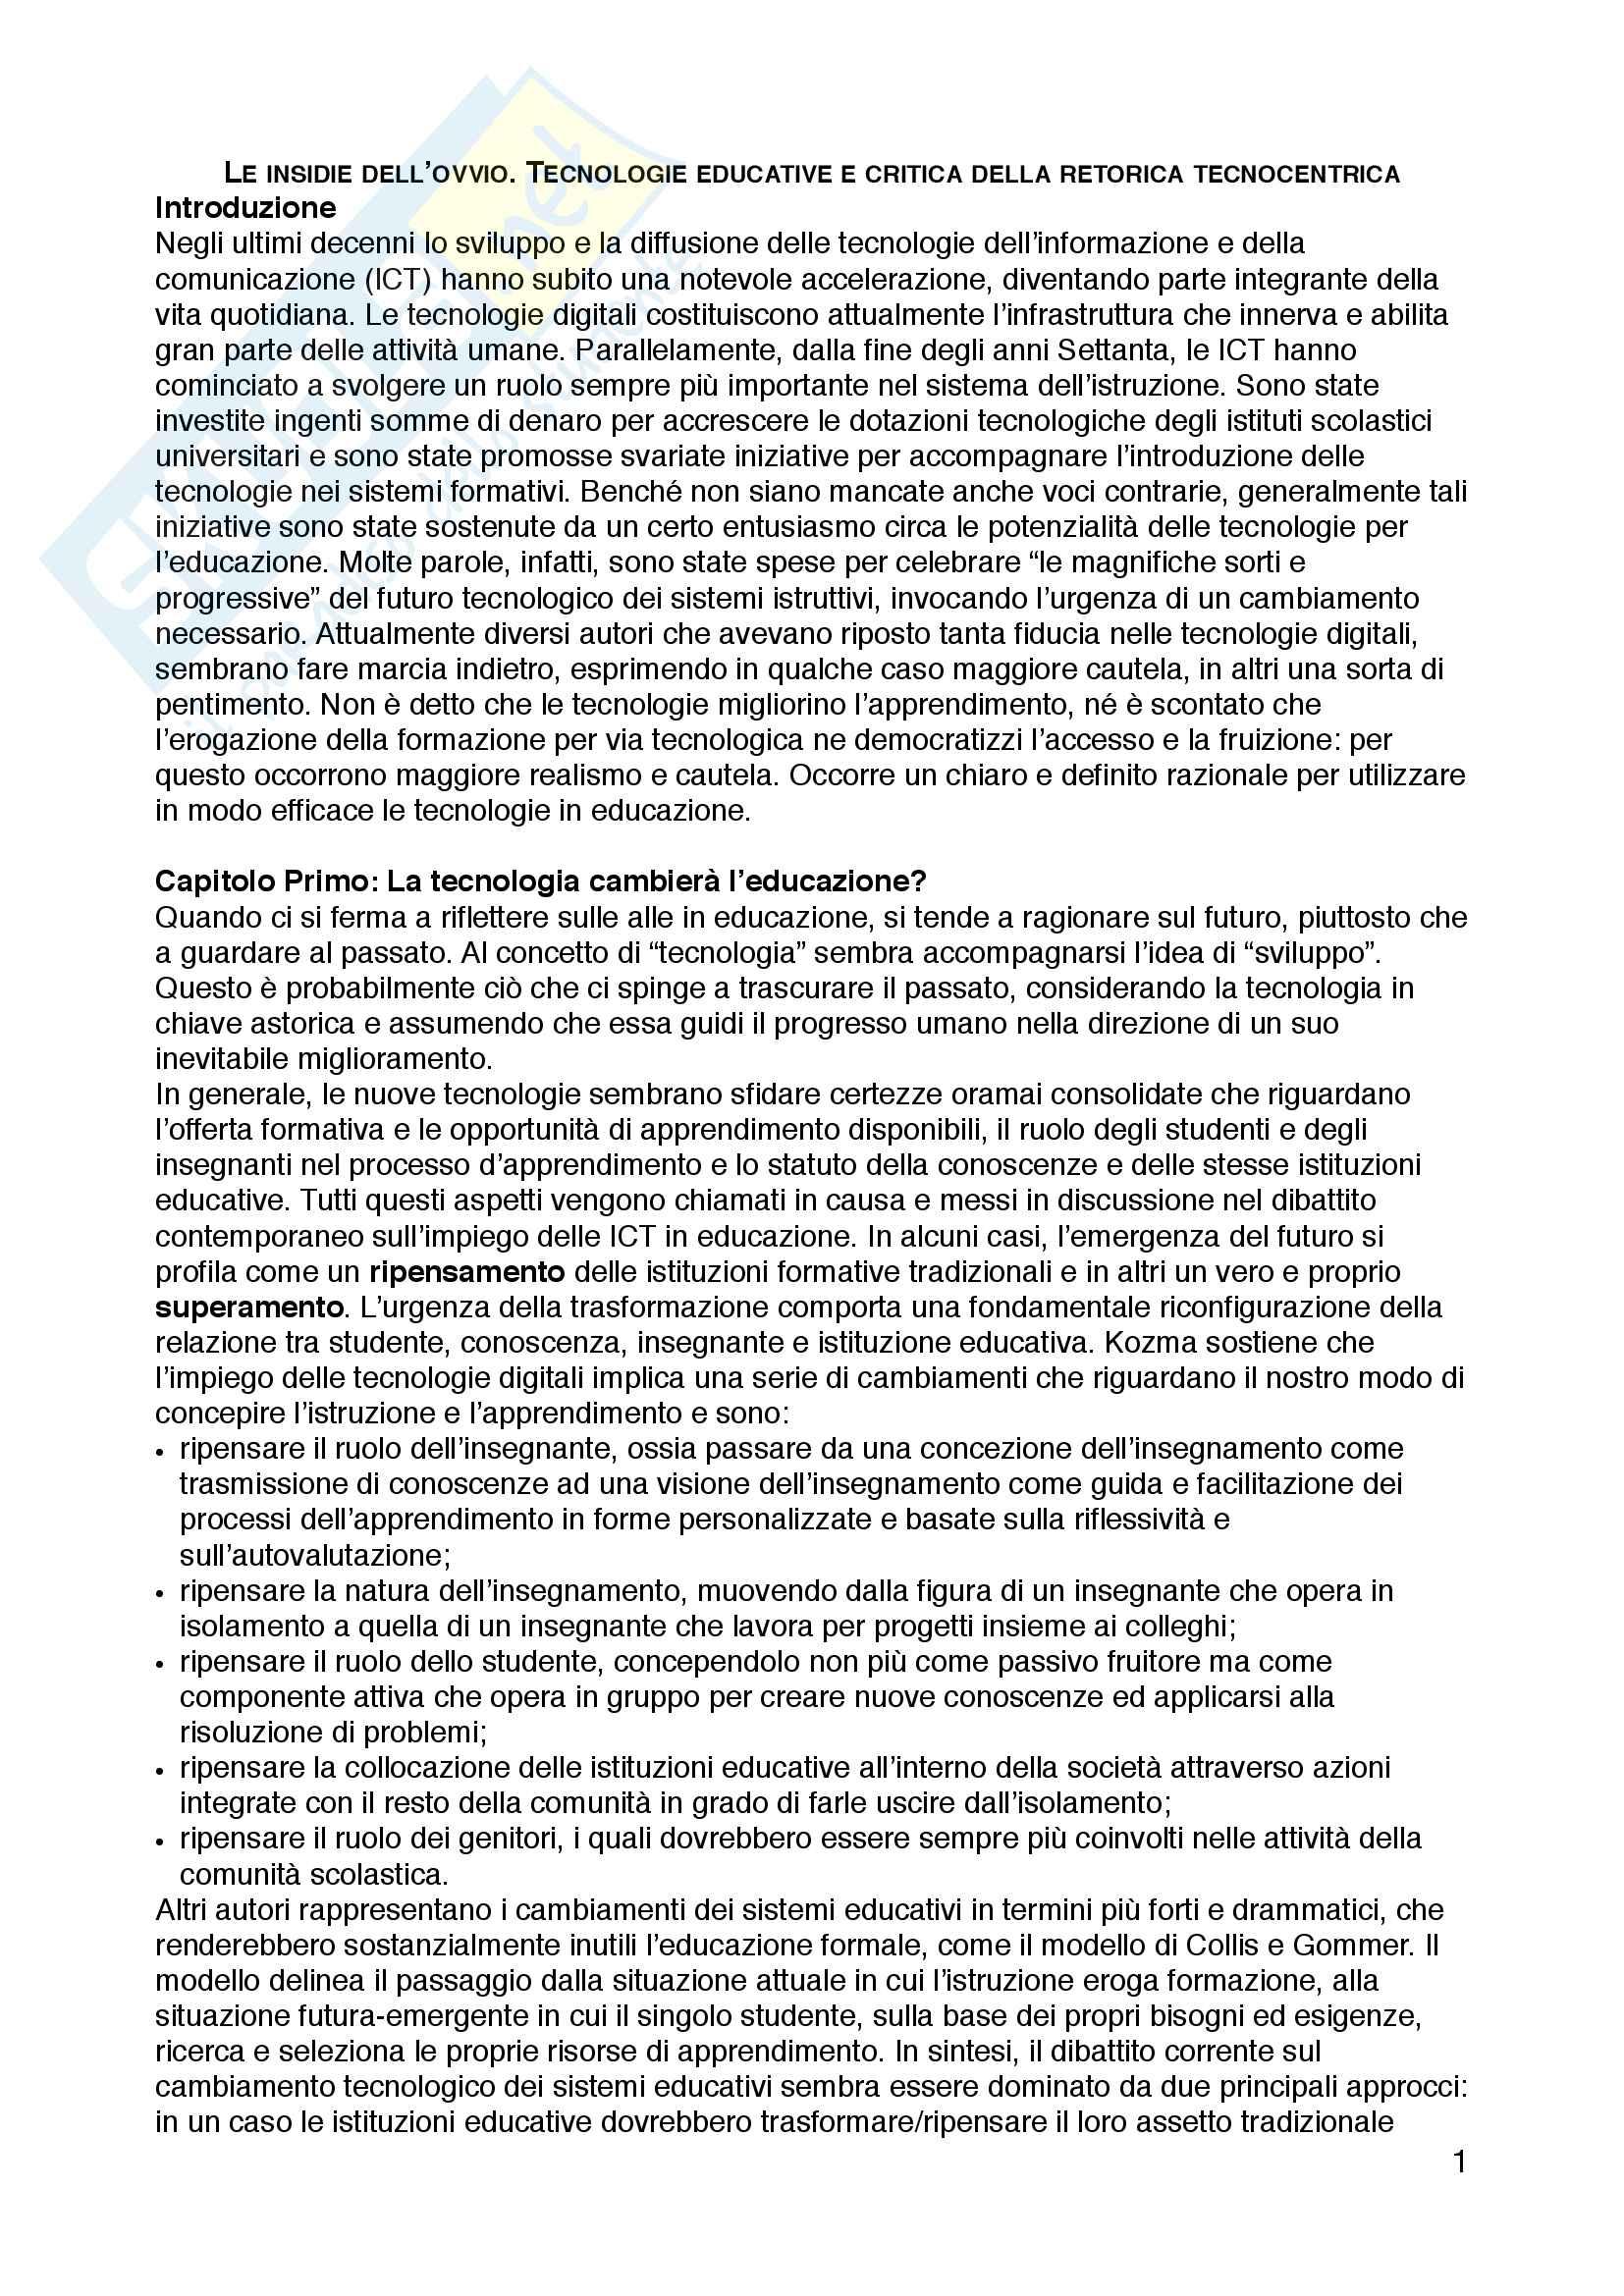 """Riassunto esame Tecnologie dell'istruzione e dell'apprendimento, prof.ssa Maria Ranieri, libro consigliato """"Le insidie dell'ovvio. Tecnologie educative e critica della retorica tecnocentrica"""", Maria Ranieri"""